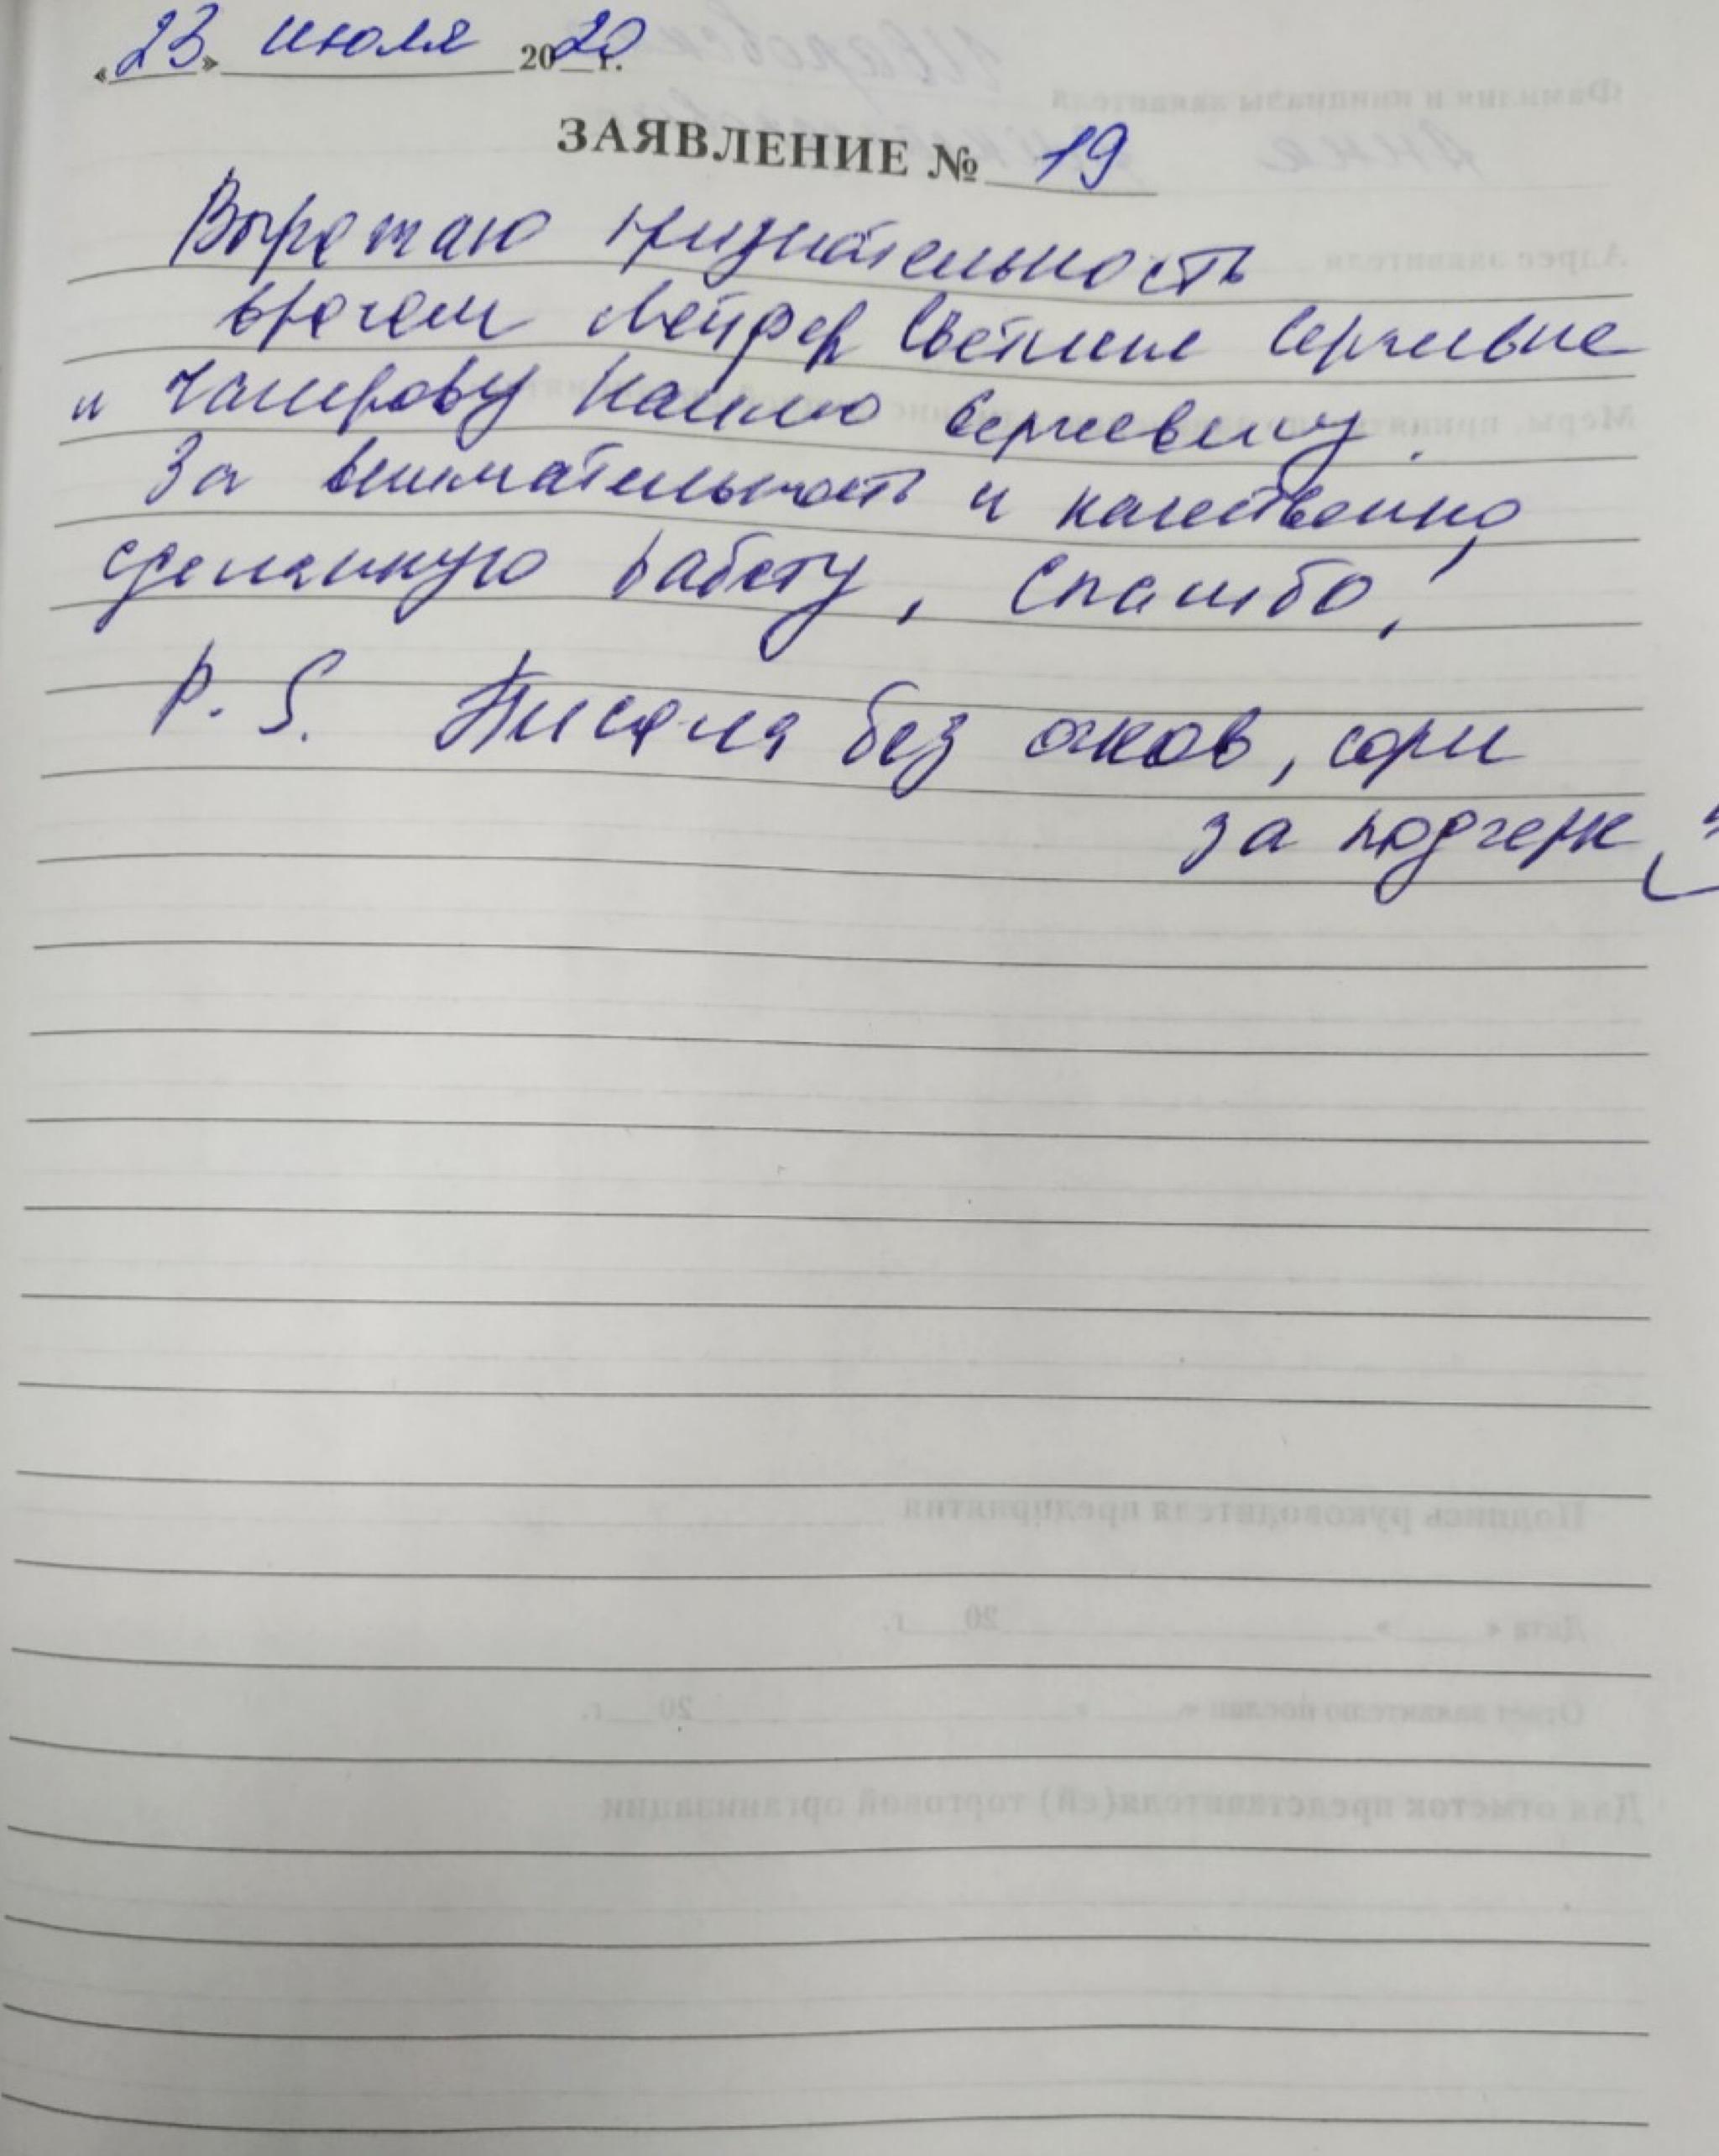 <em>Редактировать Отзыв</em> Анна Александровна. Стоматология Фларт